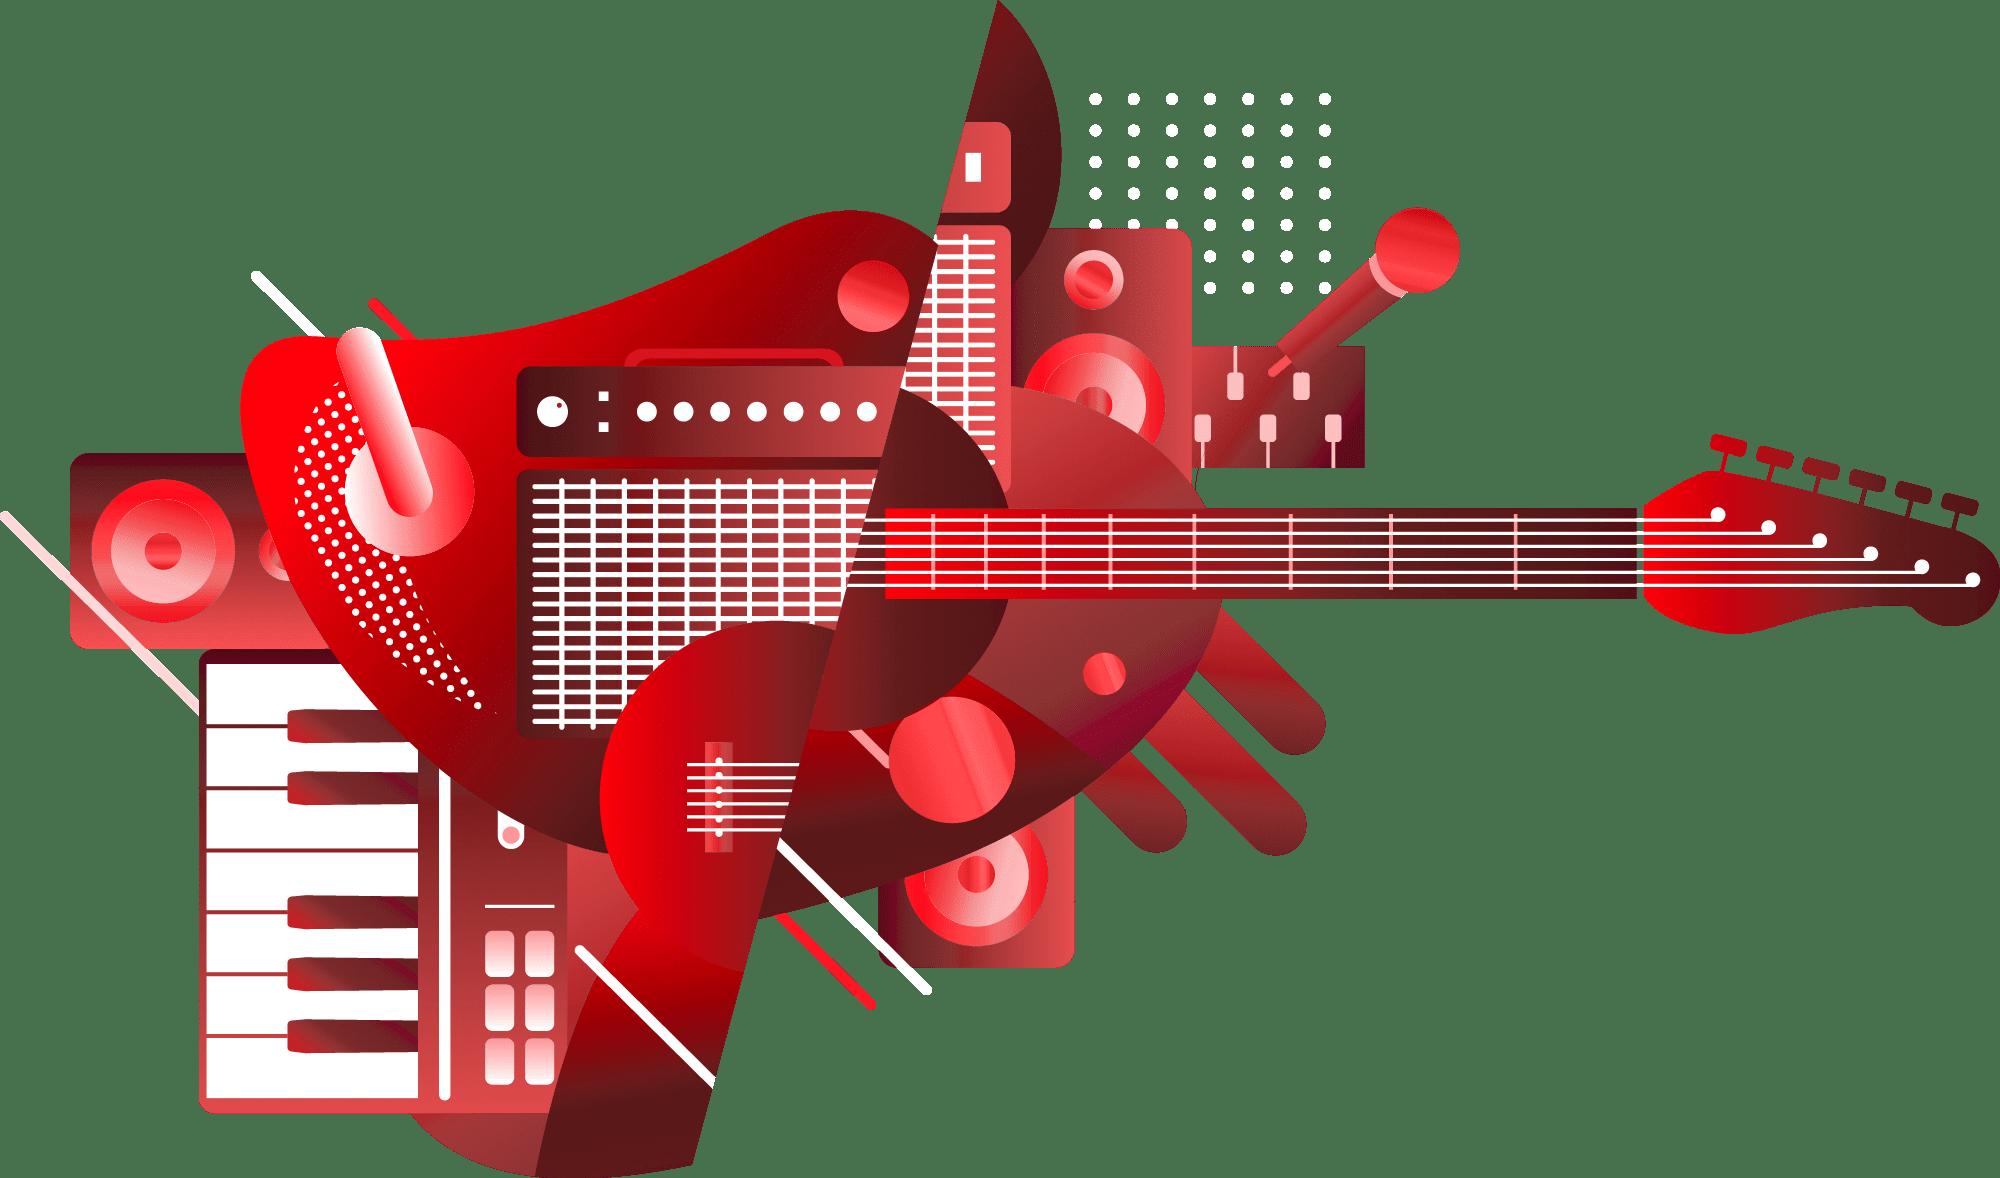 kopfmedia-werbeagentur-offenburg-sound-audio-ton-jingle